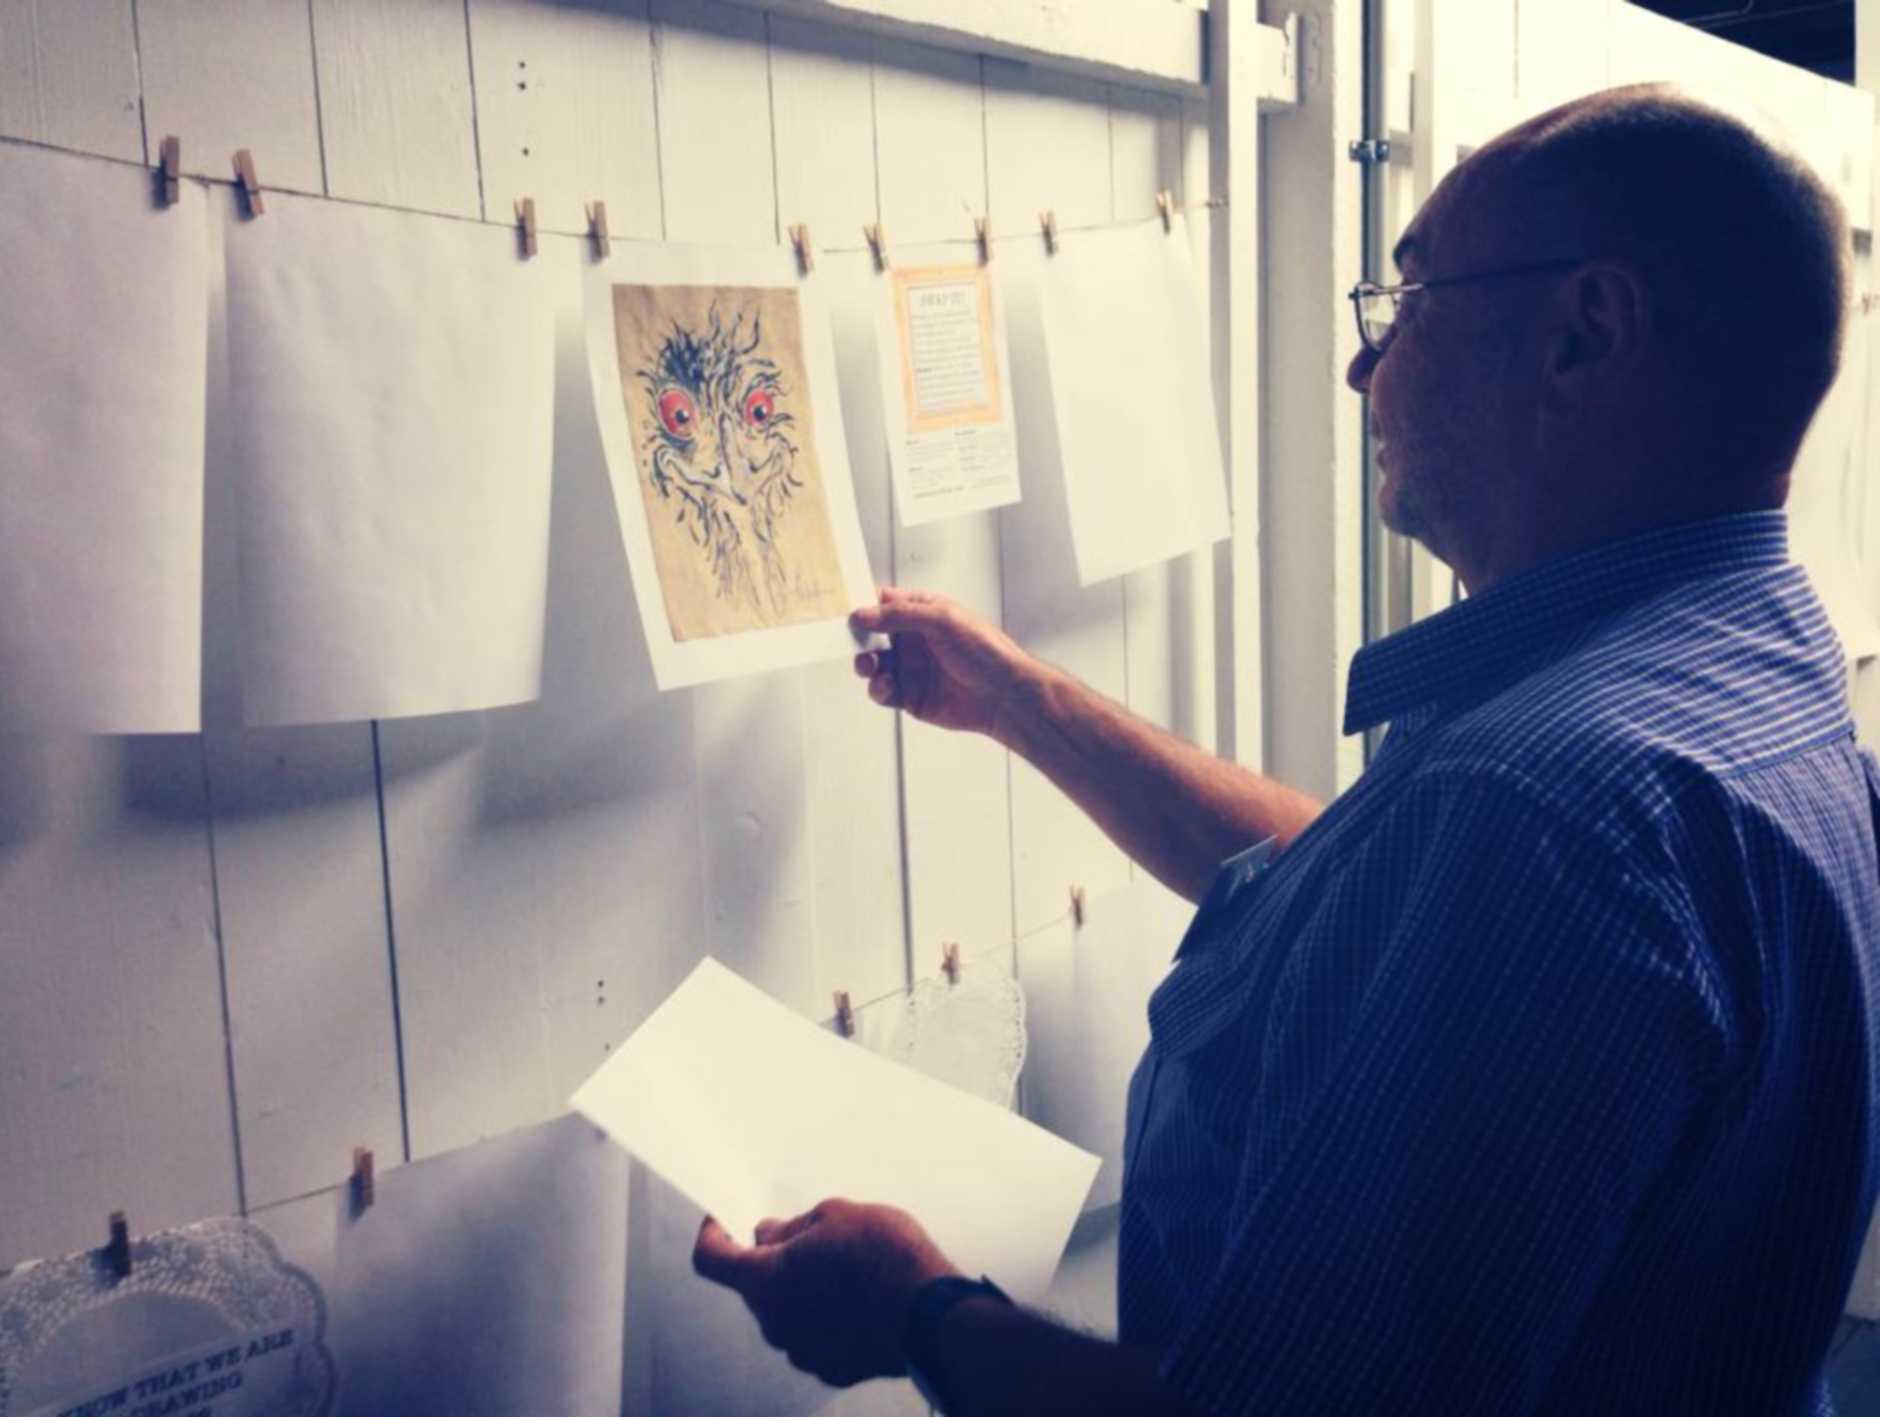 Volunteer Bob Watson participating in the 'Swap it!' exhibition.